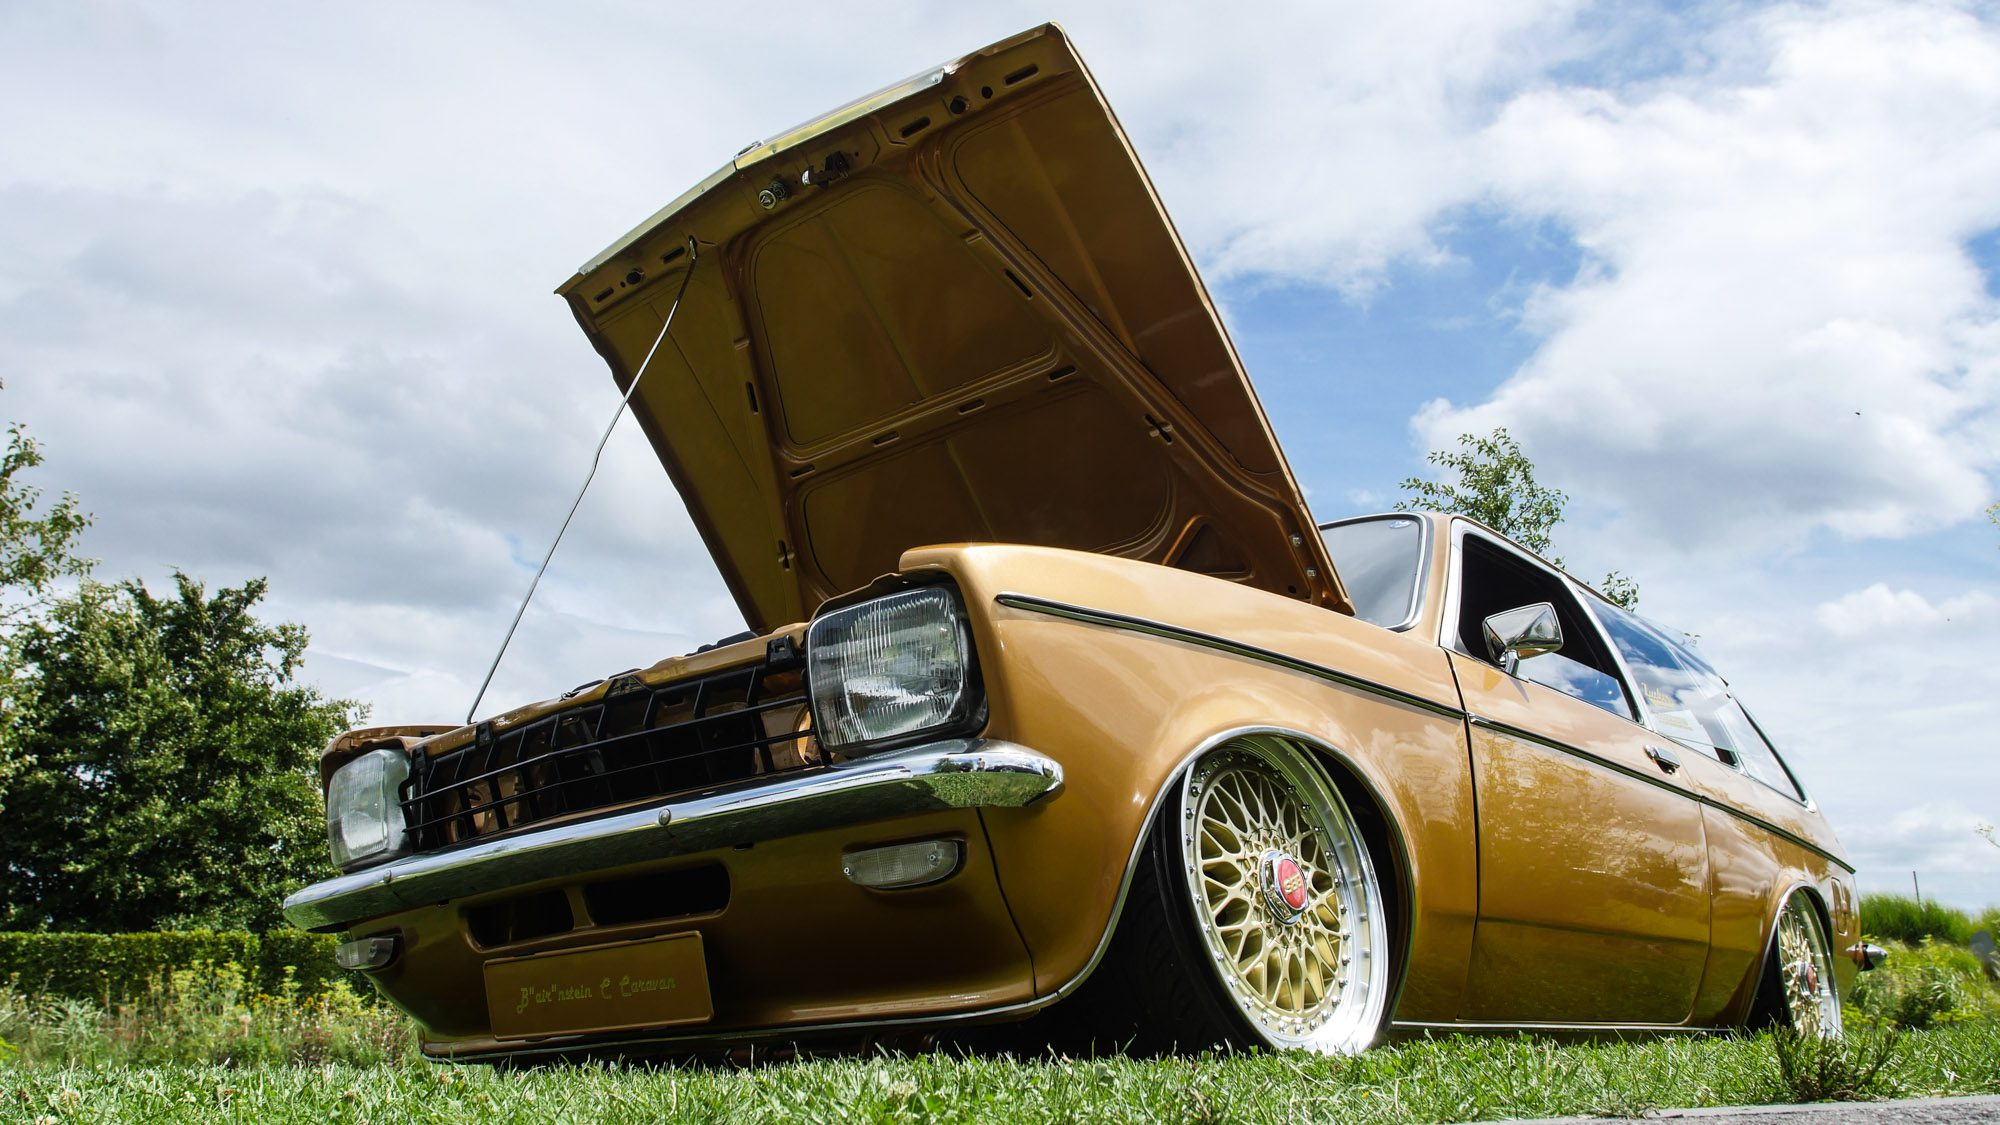 Große Klappe, viel dahinter: Der Opel Kadett C Caravan